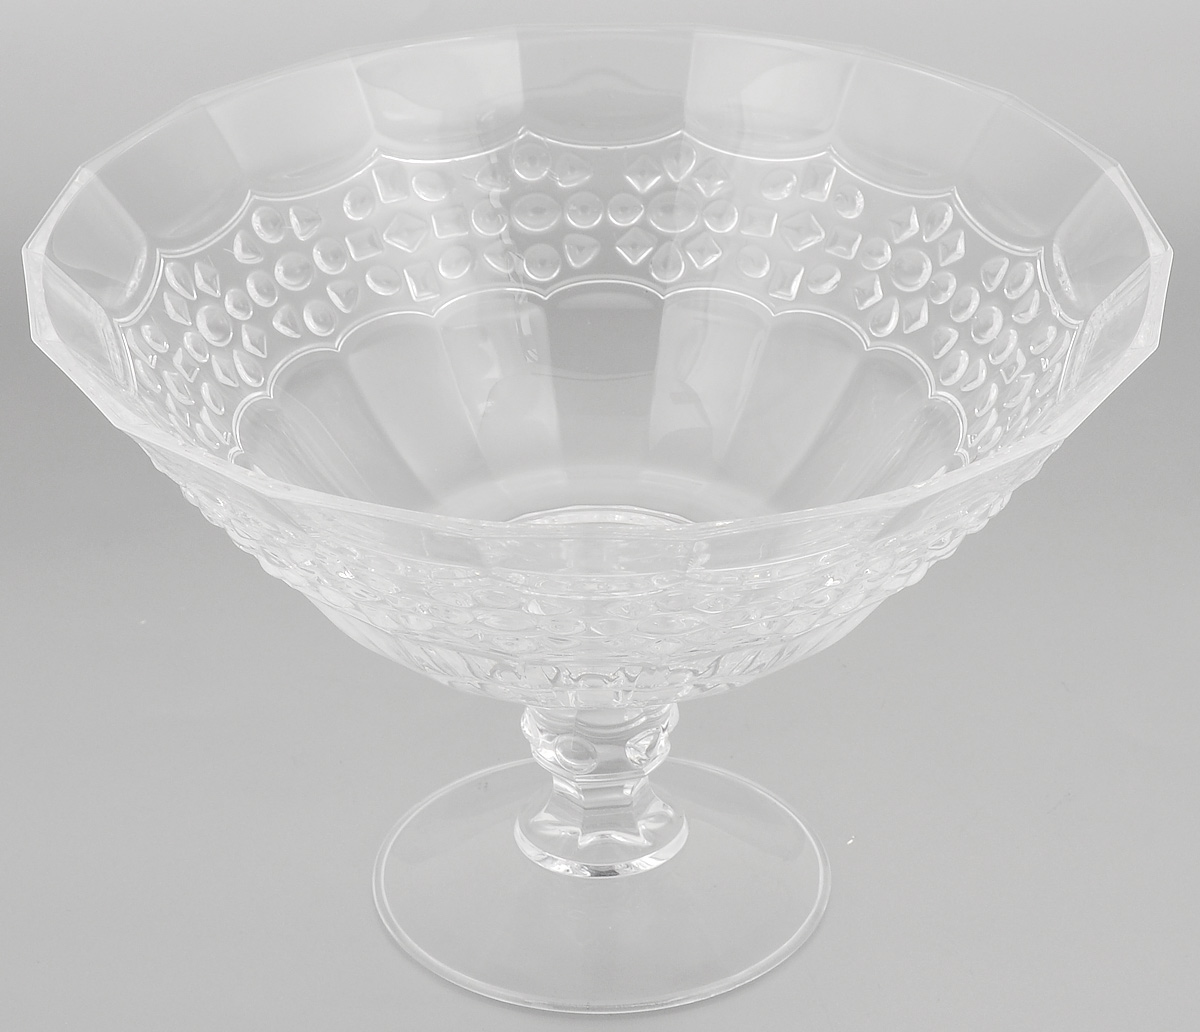 Салатник Cristal dArques Allure, диаметр 25,5 см115510Салатник Cristal dArques Allure изготовлен из из специально разработанного стекла Diamax в форме большойчаши на ножке, декорирован рельефом. Данный салатник сочетает в себе изысканный дизайн с максимальной функциональностью. Он прекрасно впишется в интерьер вашей кухни и станет достойным дополнением к кухонному инвентарю. Такой салатник не только украсит ваш кухонный стол и подчеркнет прекрасный вкусхозяйки, но и станет отличным подарком.Диаметр (по верхнему краю): 25,5 см.Высота: 17 см.Диаметр основания: 11 см.